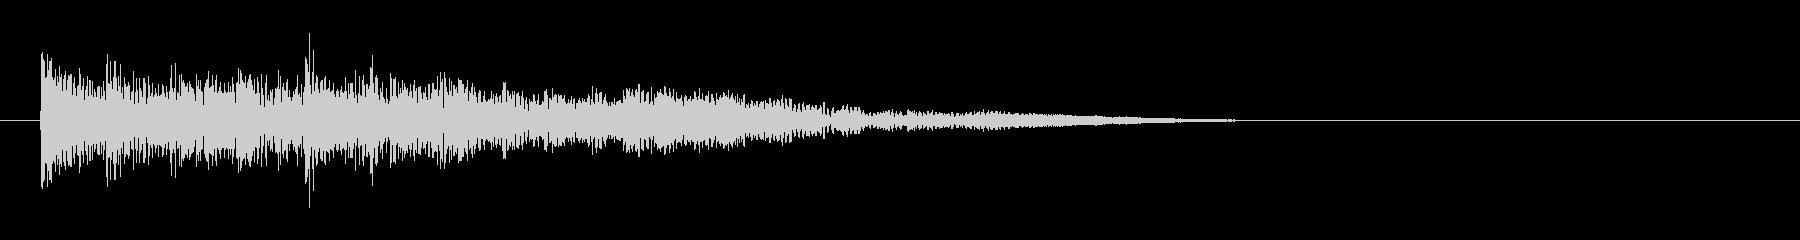 ドラム、トム、タイプC-低、ステレ...の未再生の波形